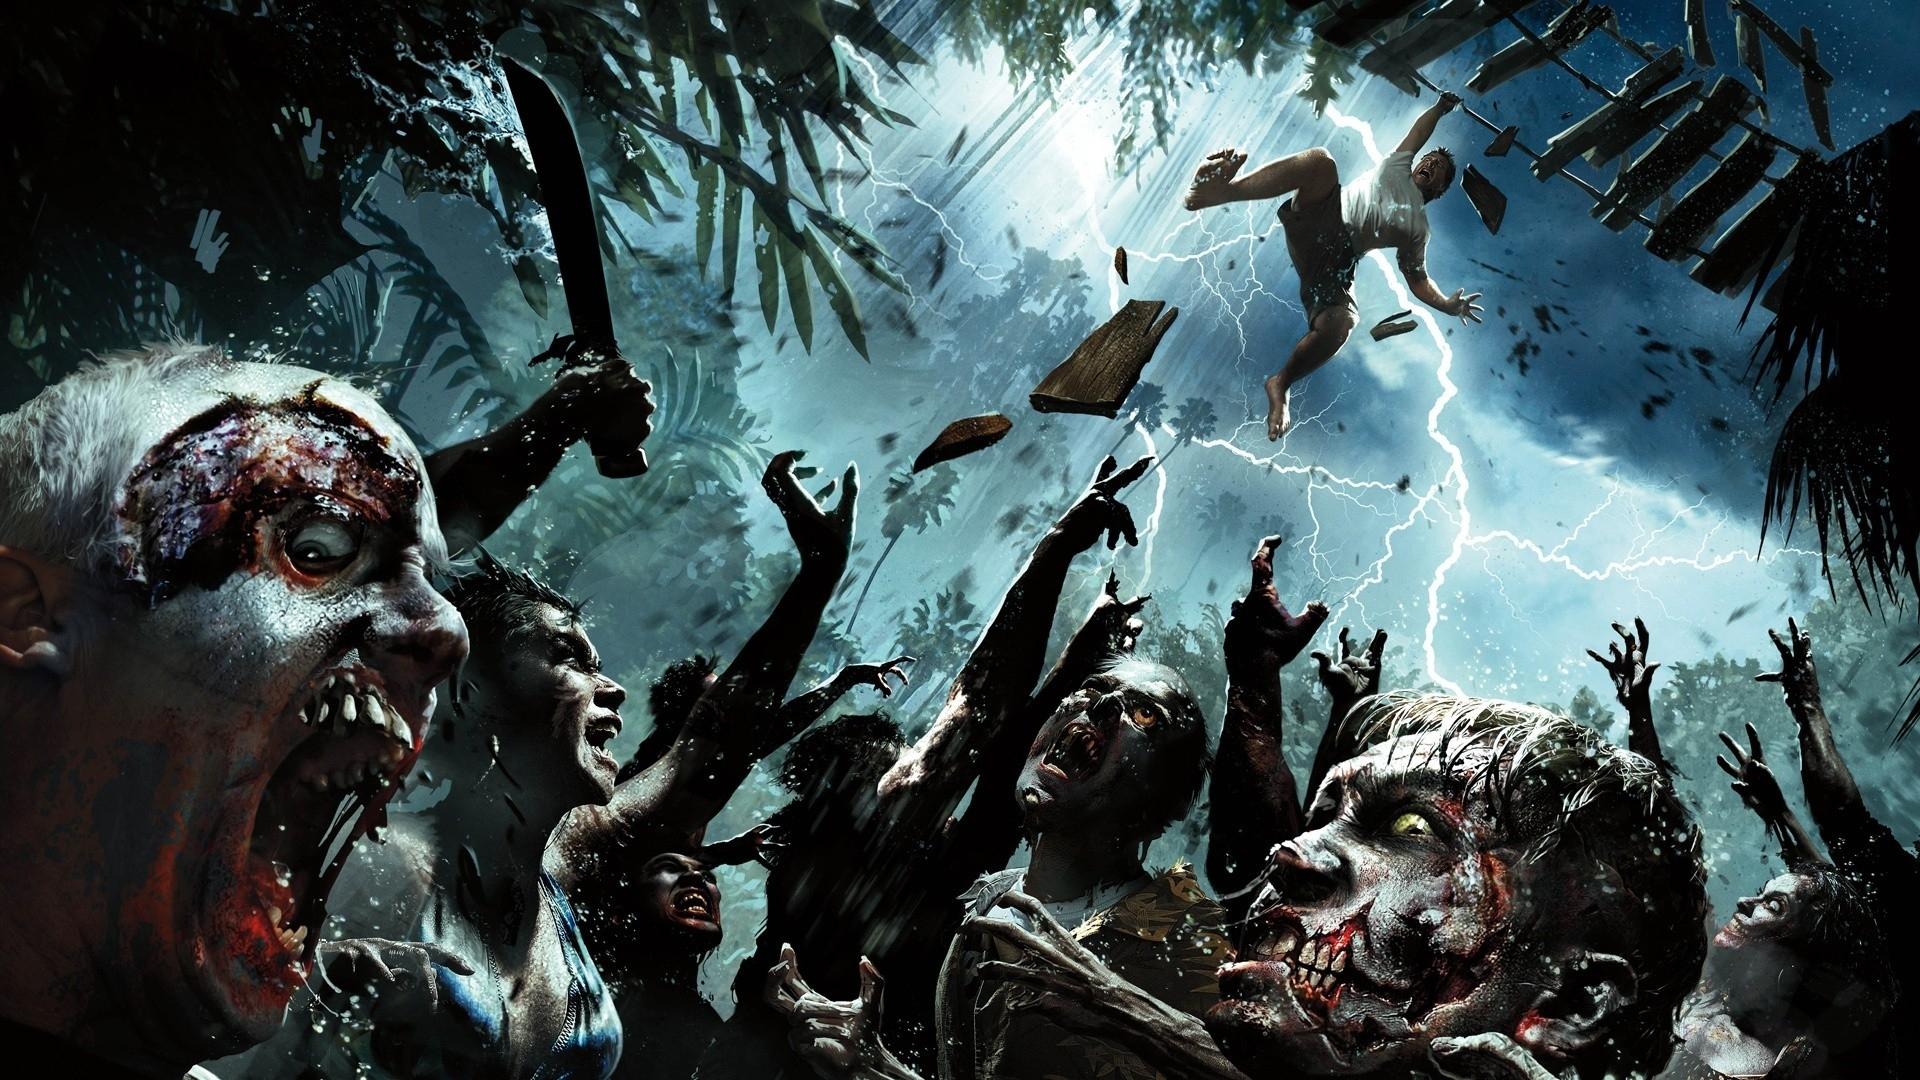 zombie wallpapers, full hd 1080p, best hd zombie pics, desktop